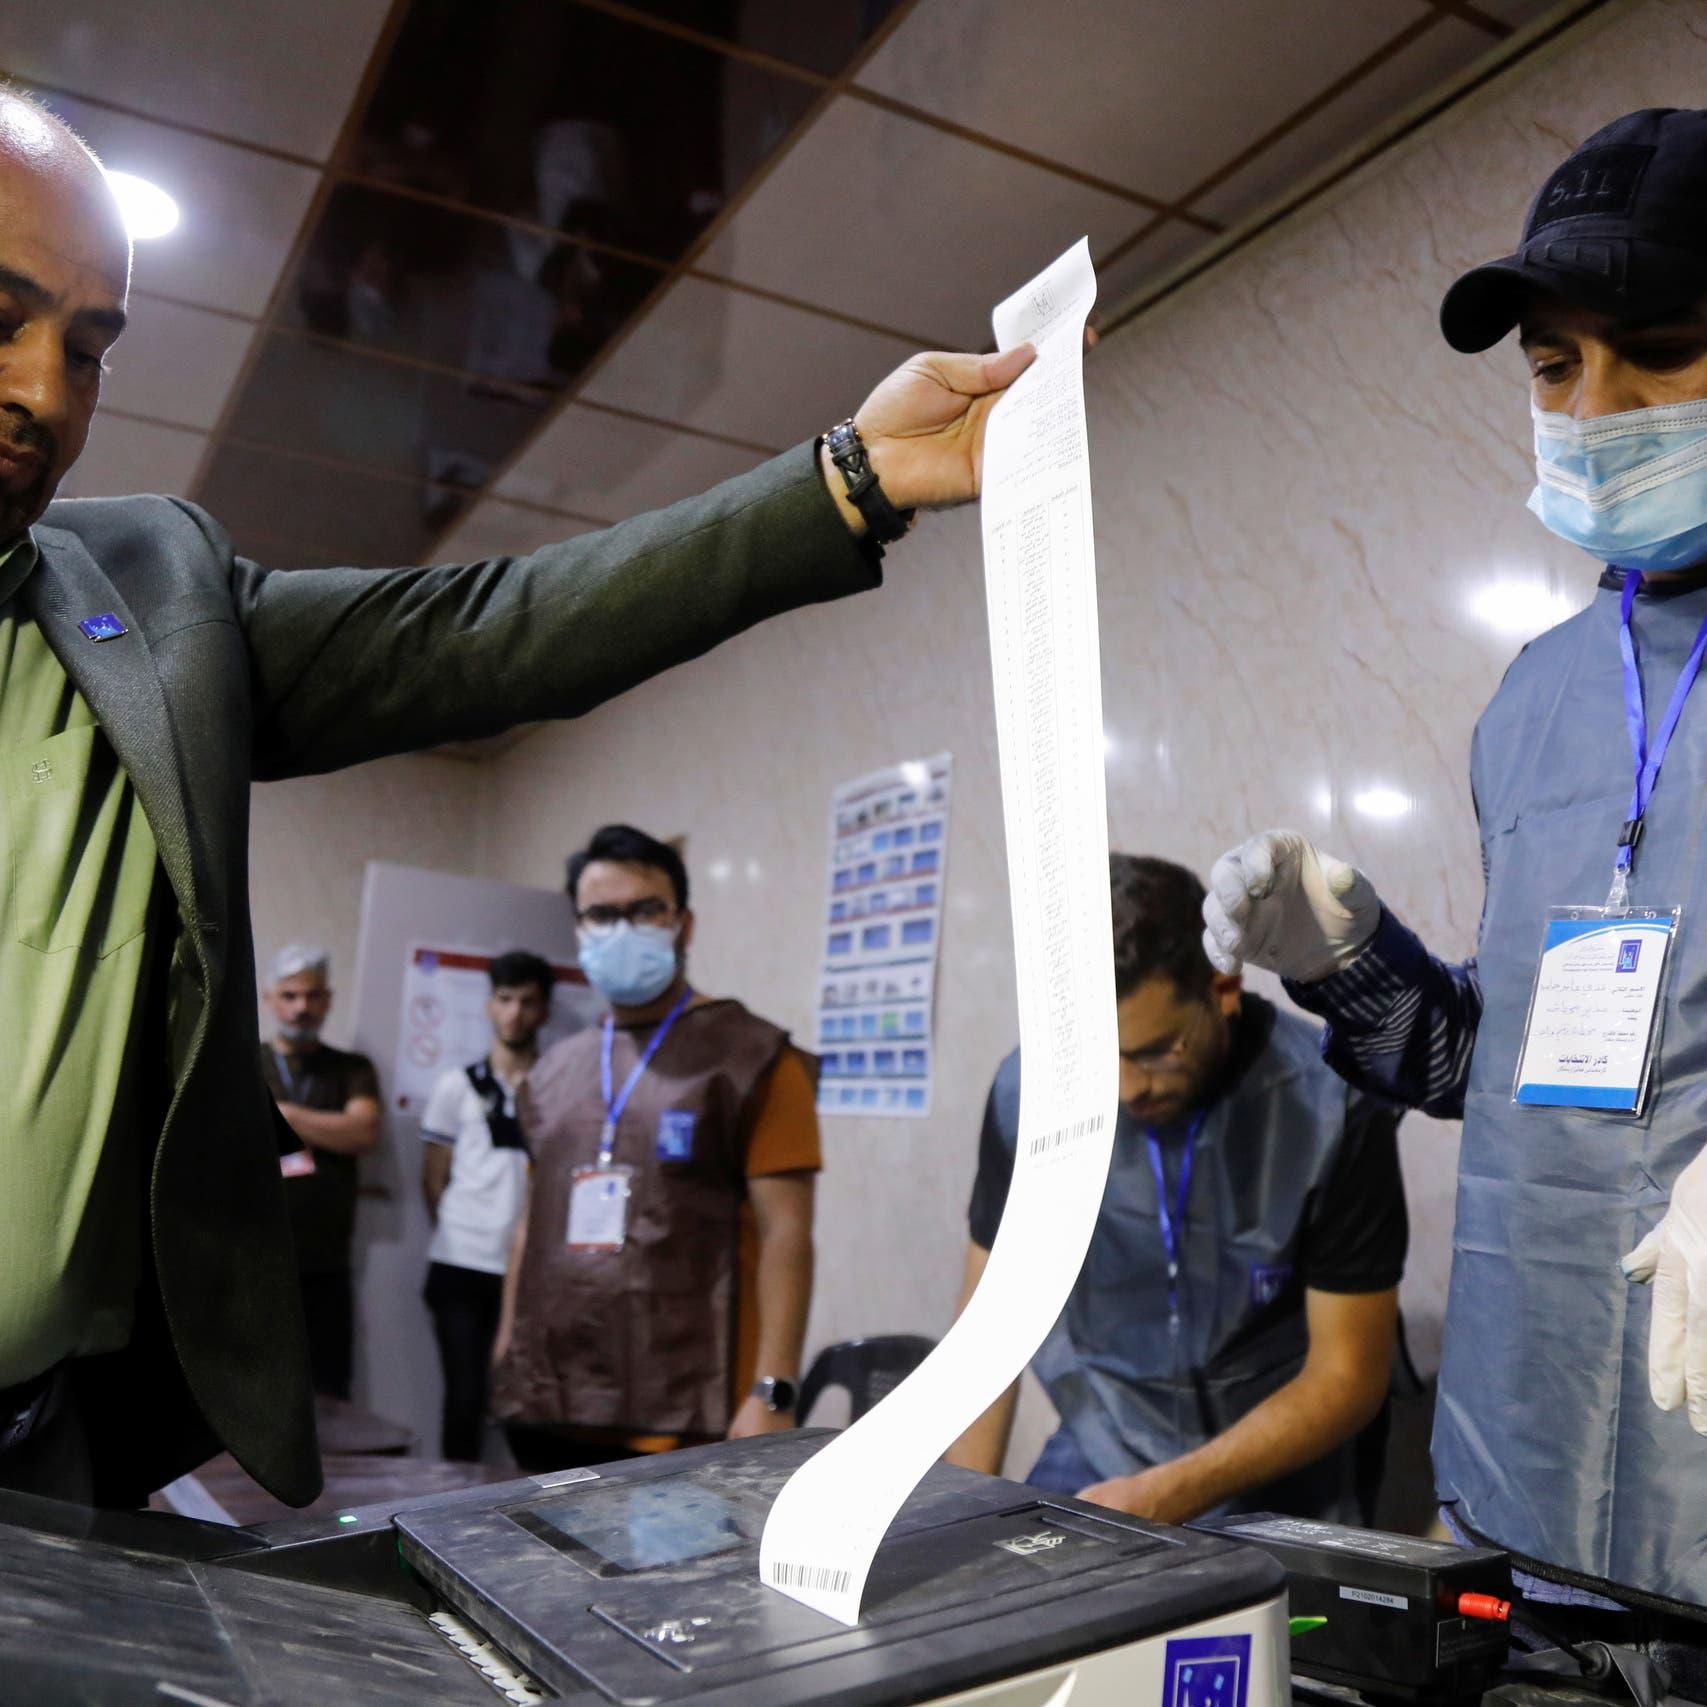 فوز 97 امرأة بانتخابات العراق.. والبعثة الأوروبية تشيد بسير العملية